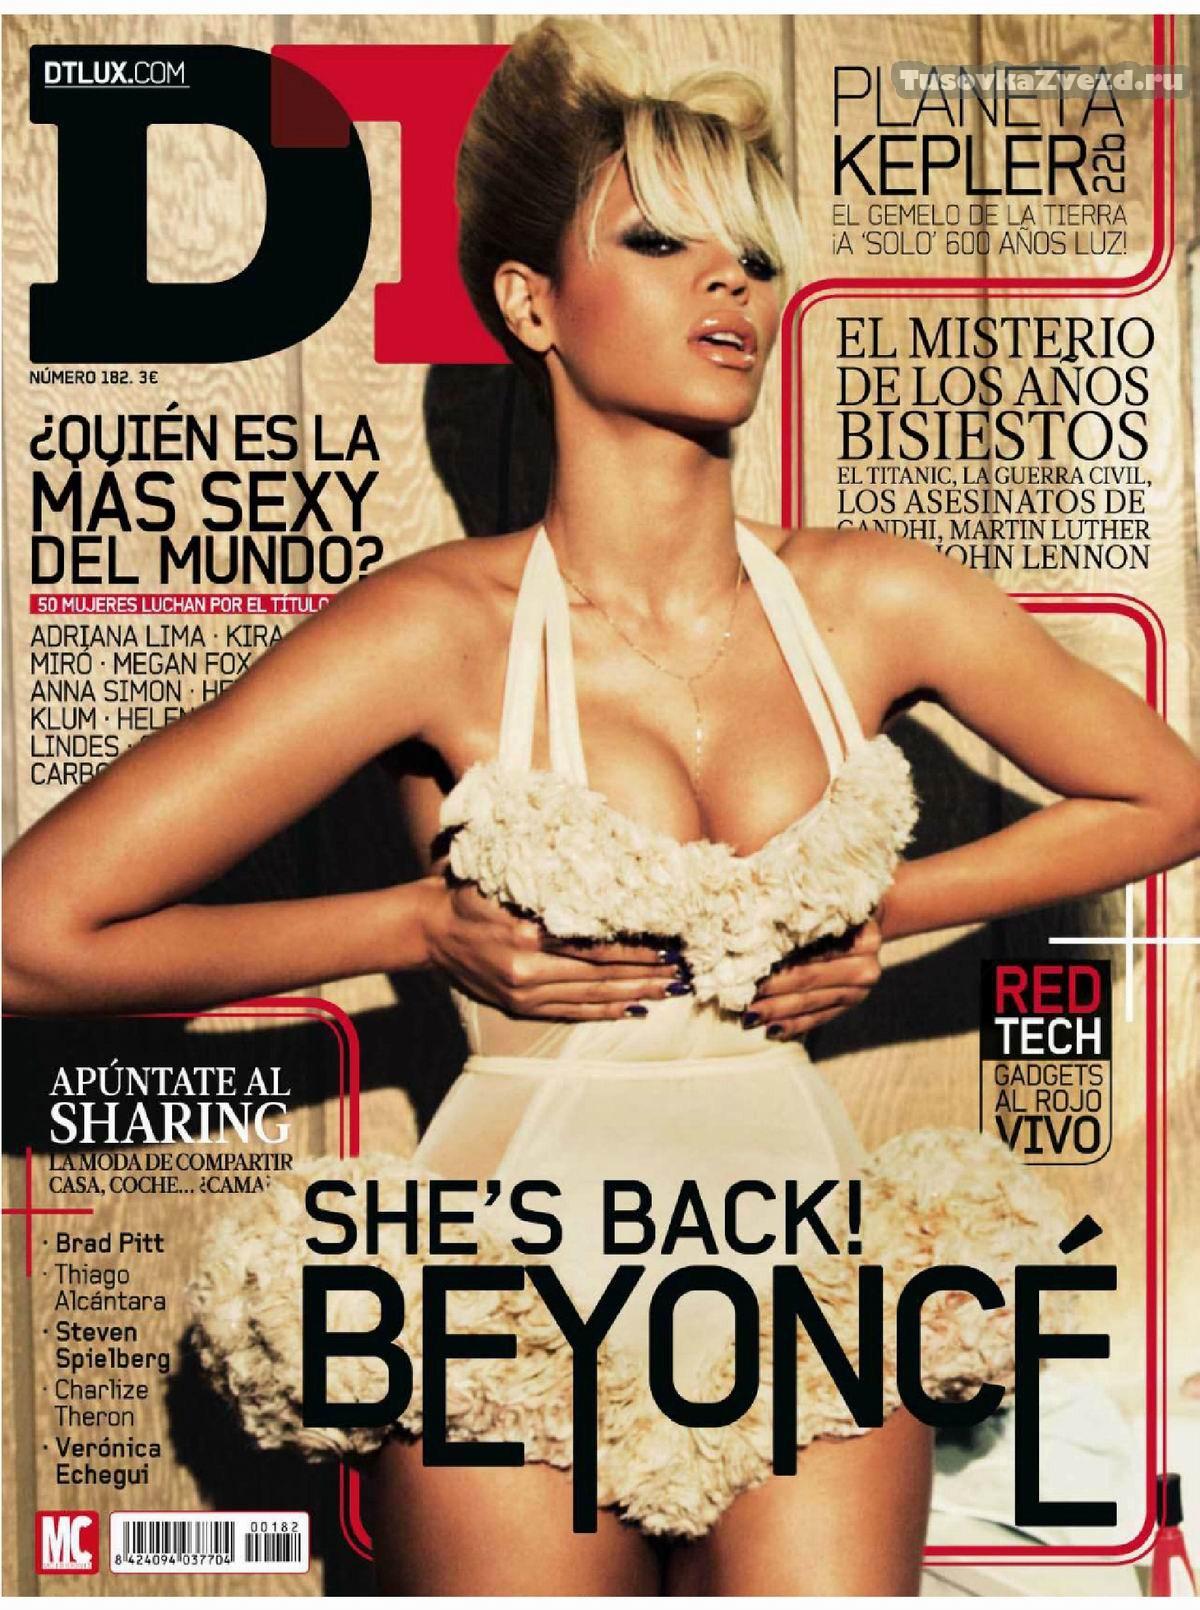 Бейонсе (Beyonce) эротическая фото сессия для журнала DT Испания, январь 2012